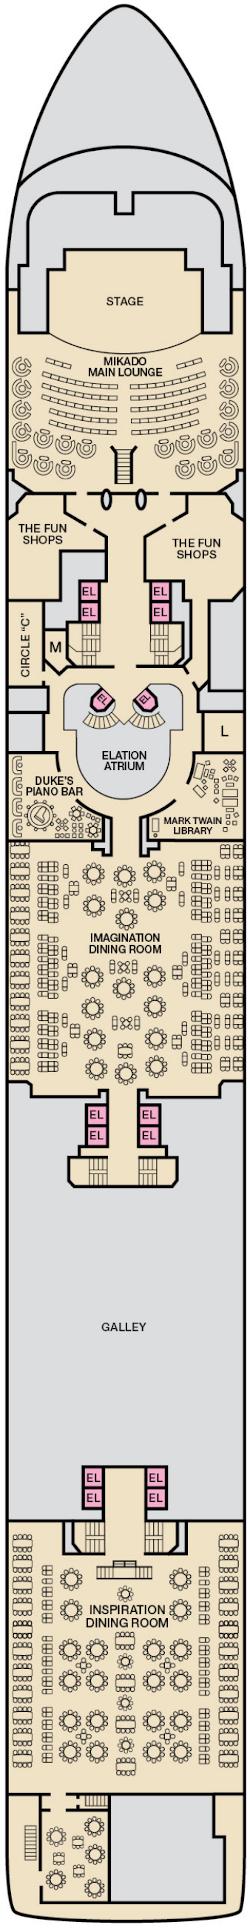 Carnival Elation Atlantic Deck Deck Plan